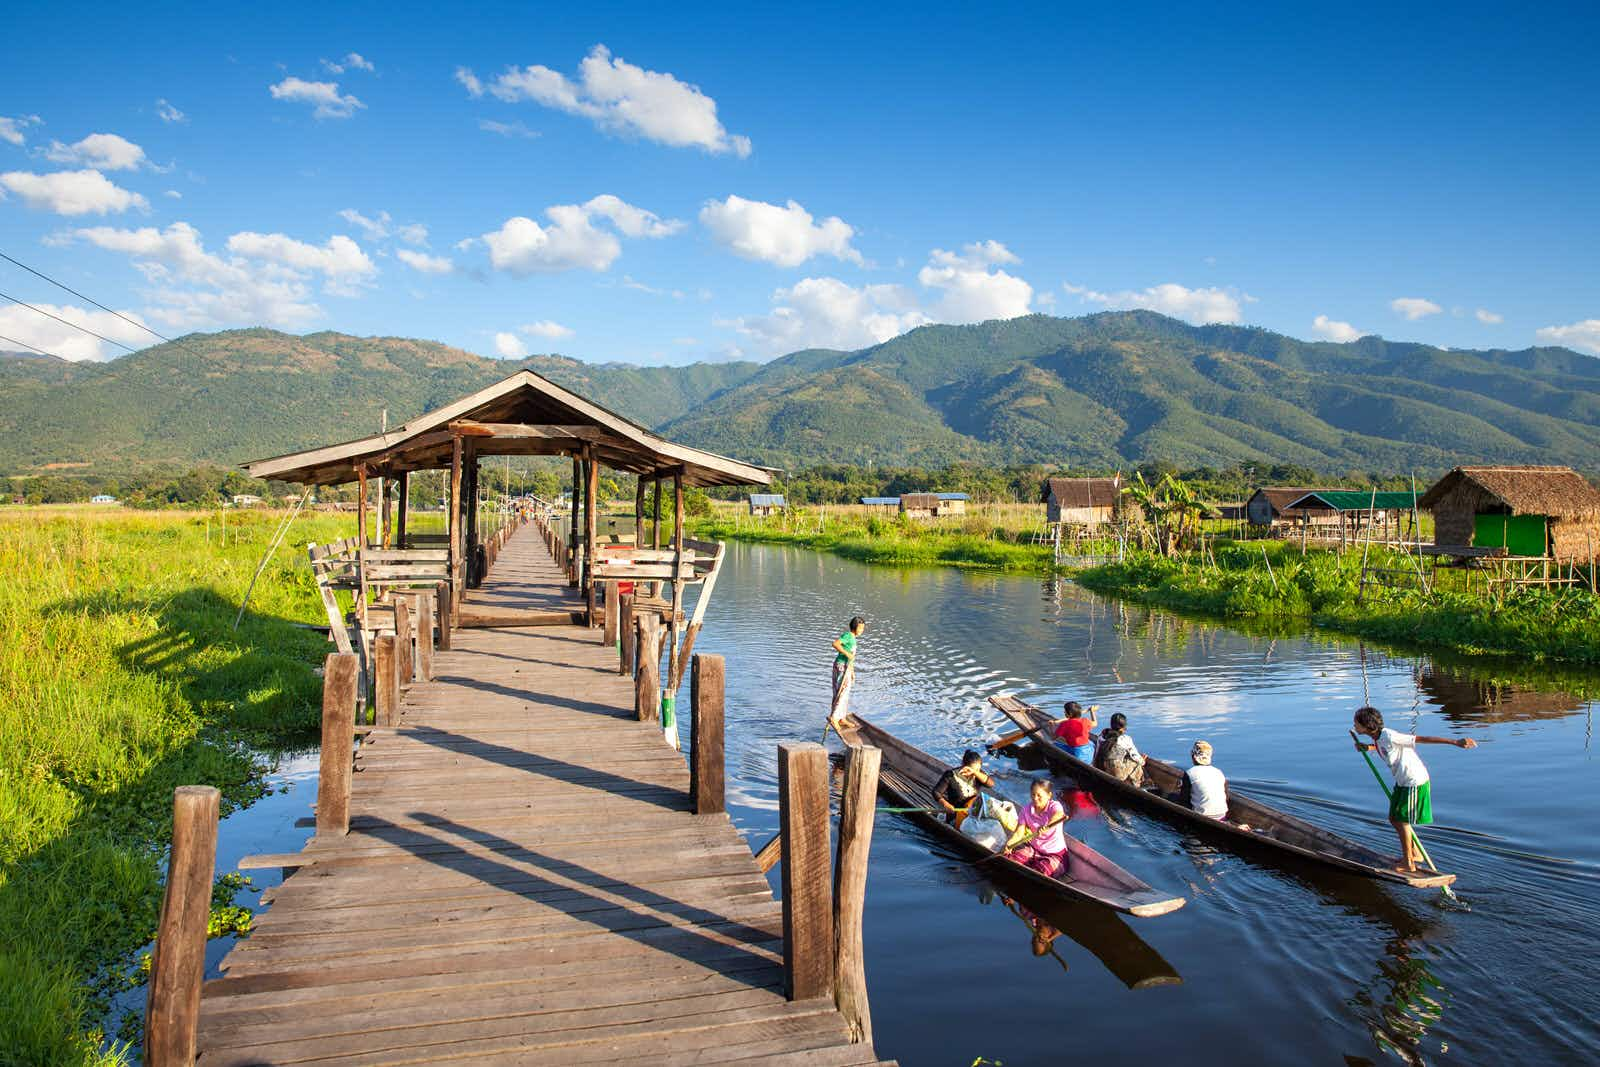 Myanmar's water world: exploring Inle Lake